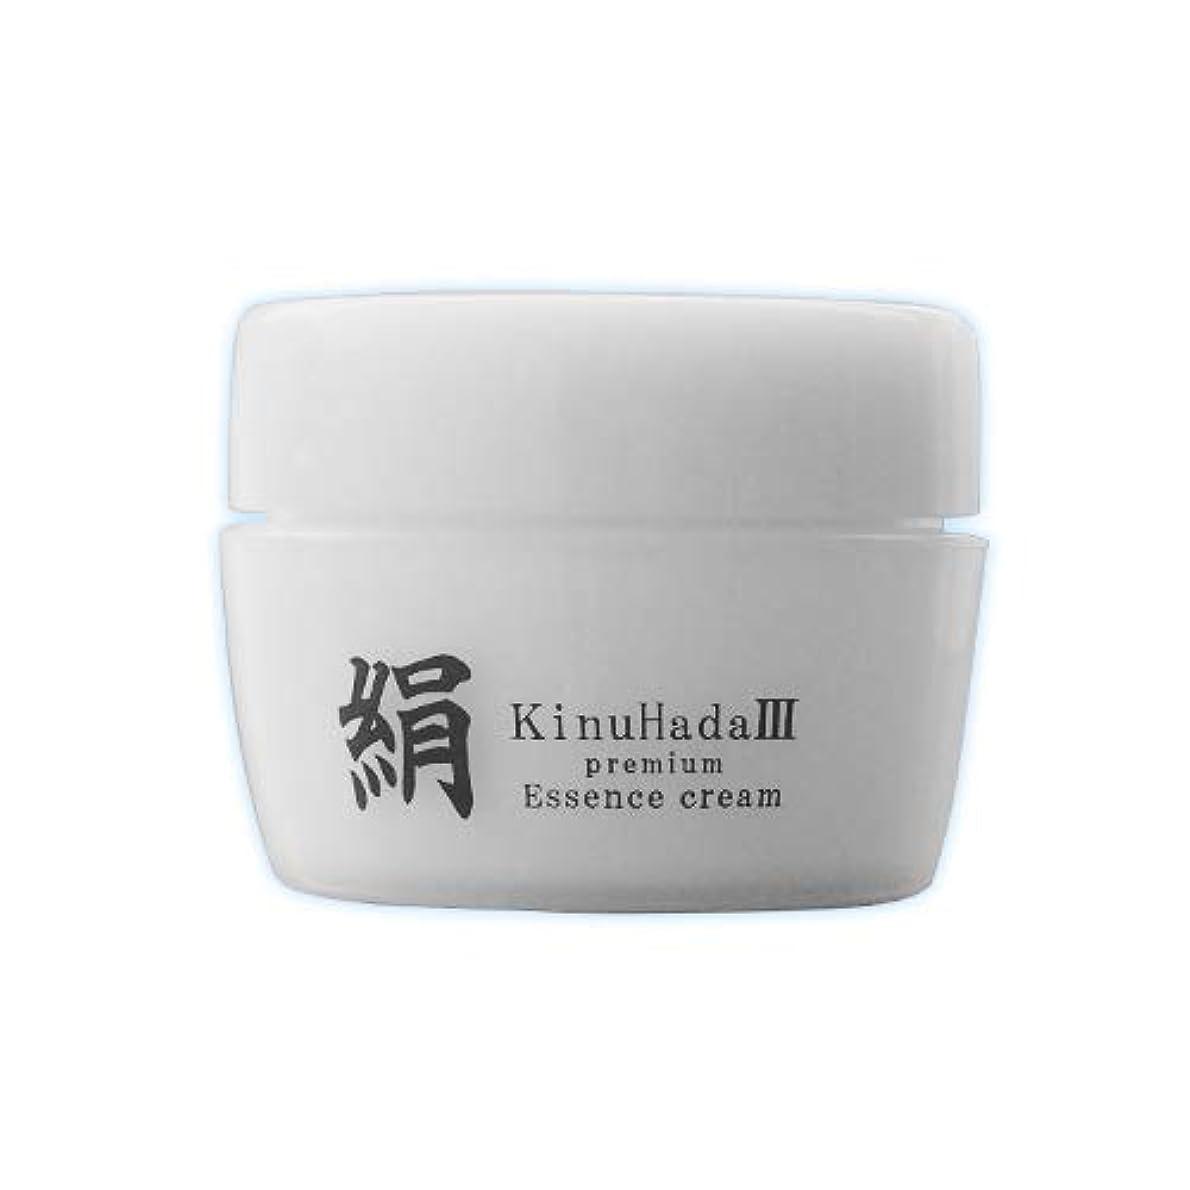 同種の限界ライオネルグリーンストリートKinuHada 3 premium 60g オールインワン 美容液 絹